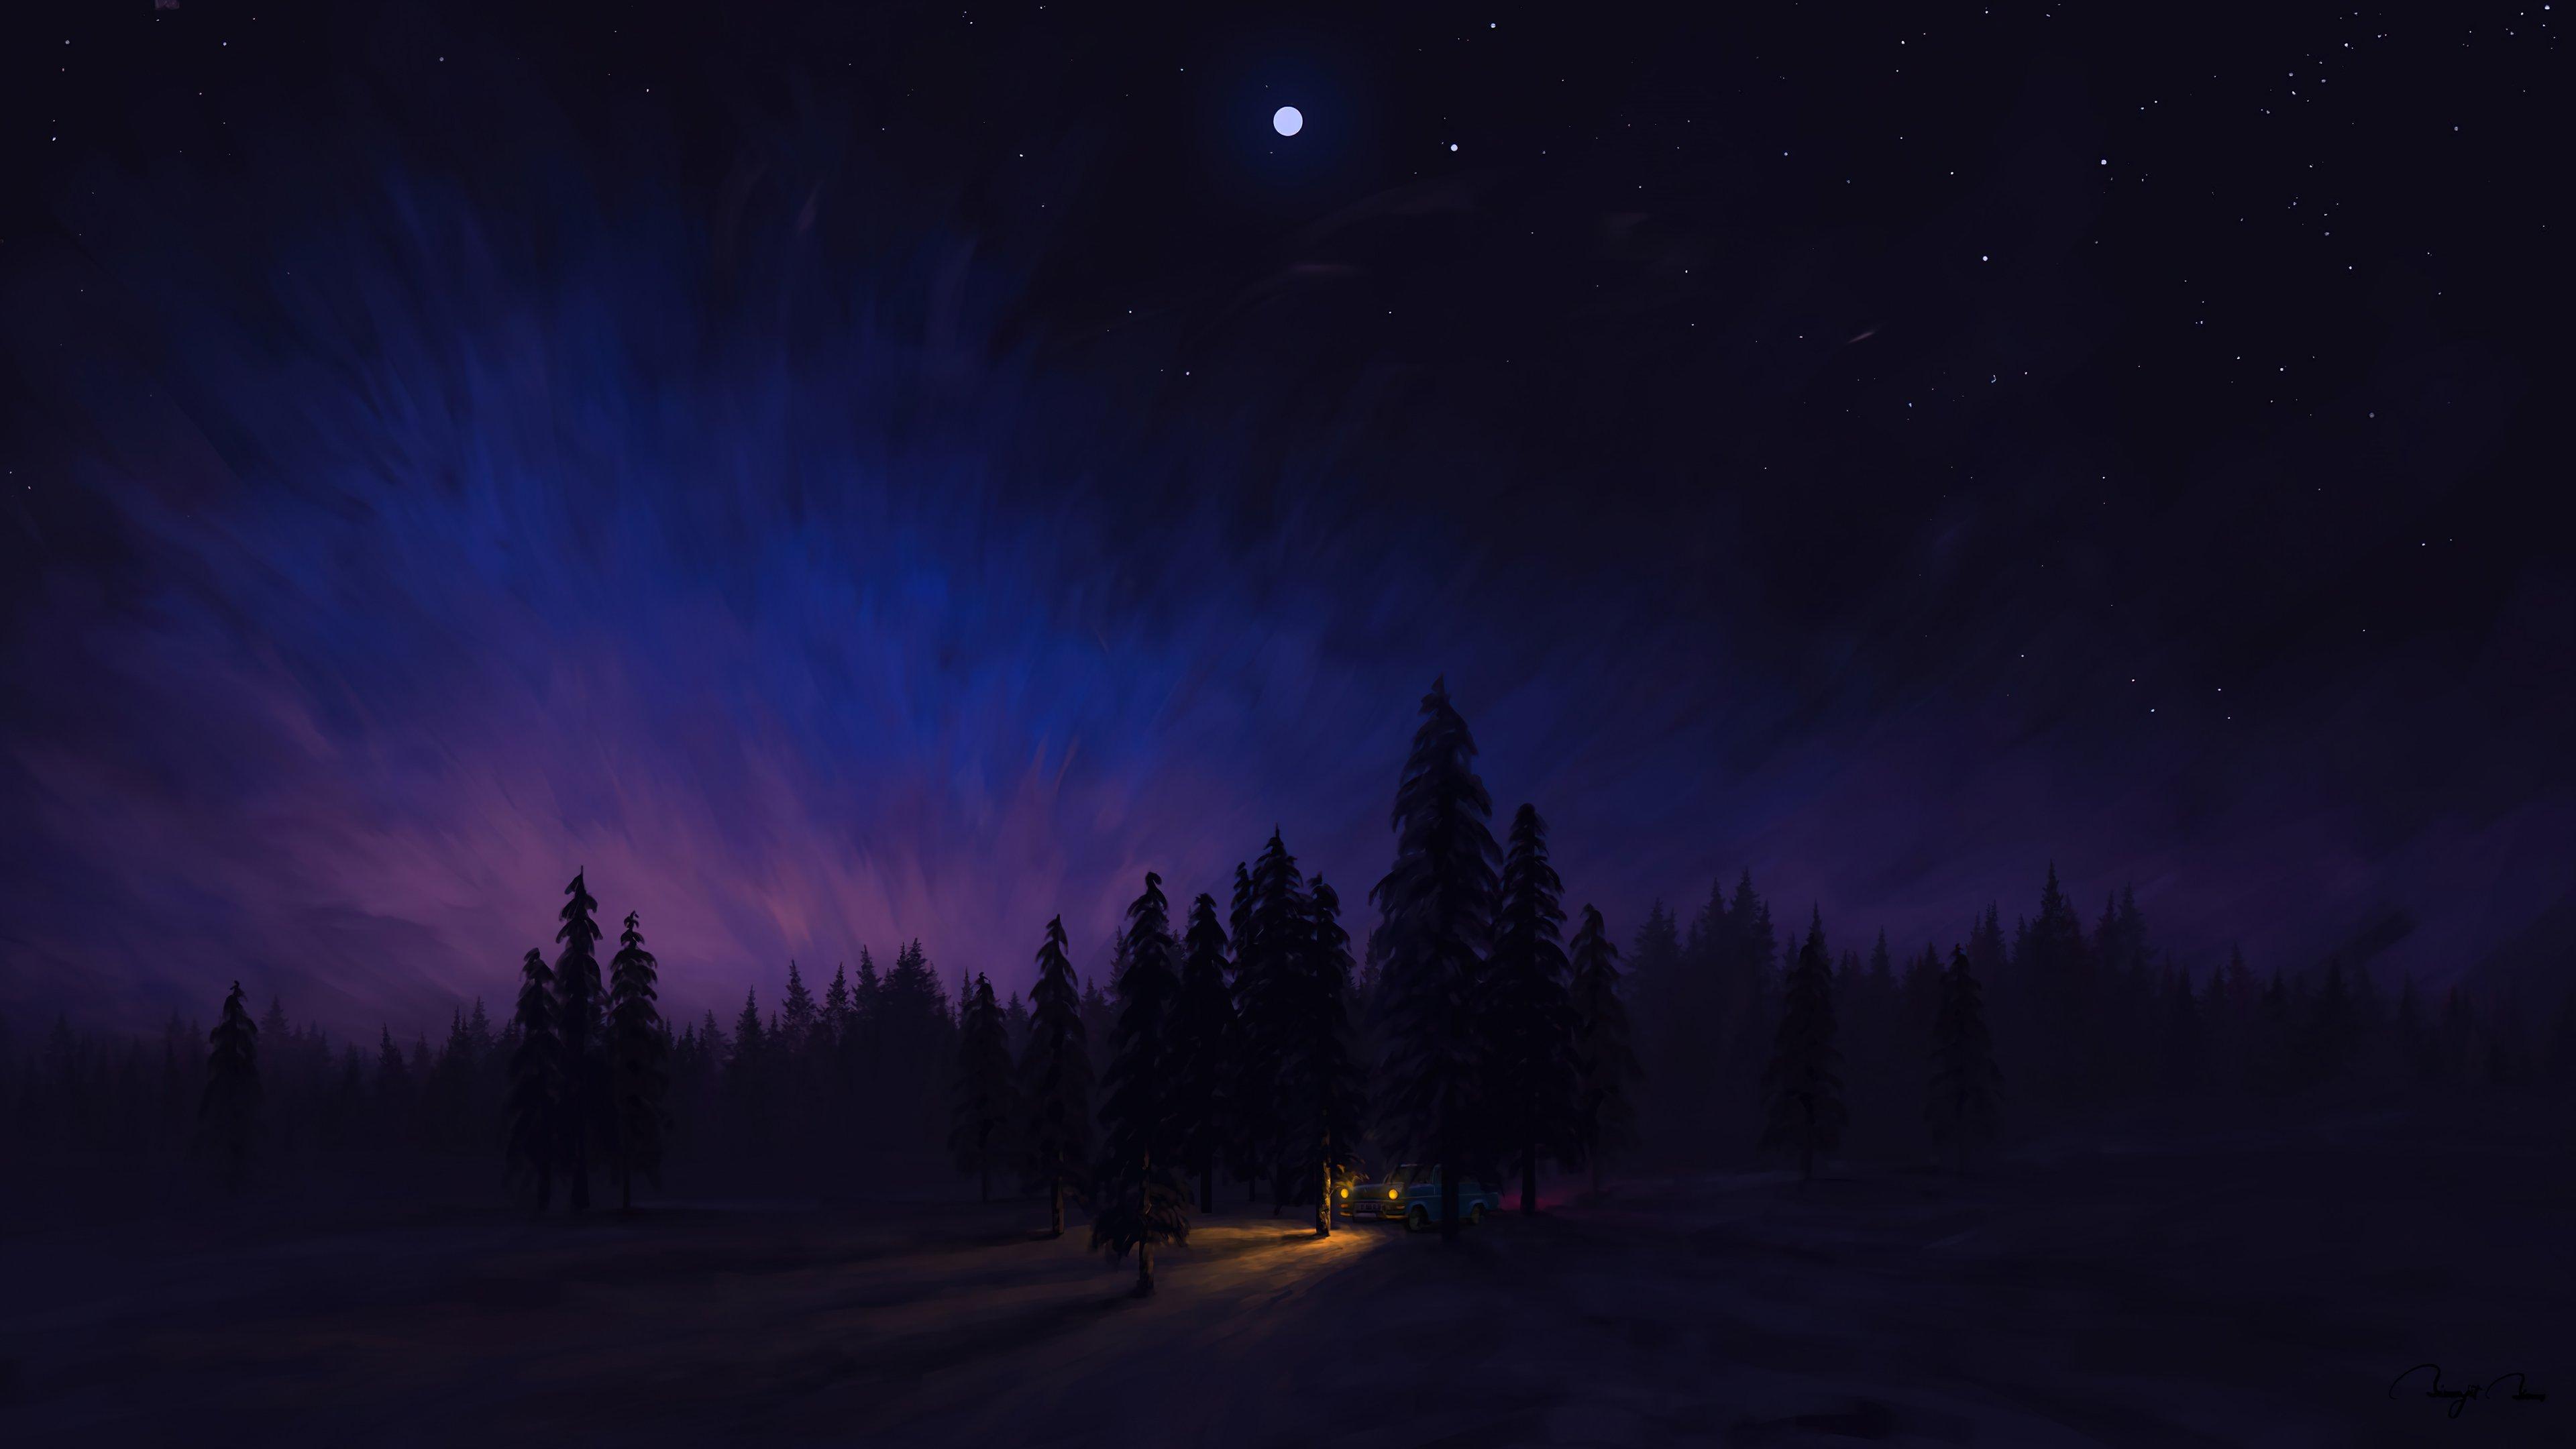 Fondos de pantalla Paisaje nocturno en el bosque Arte digital